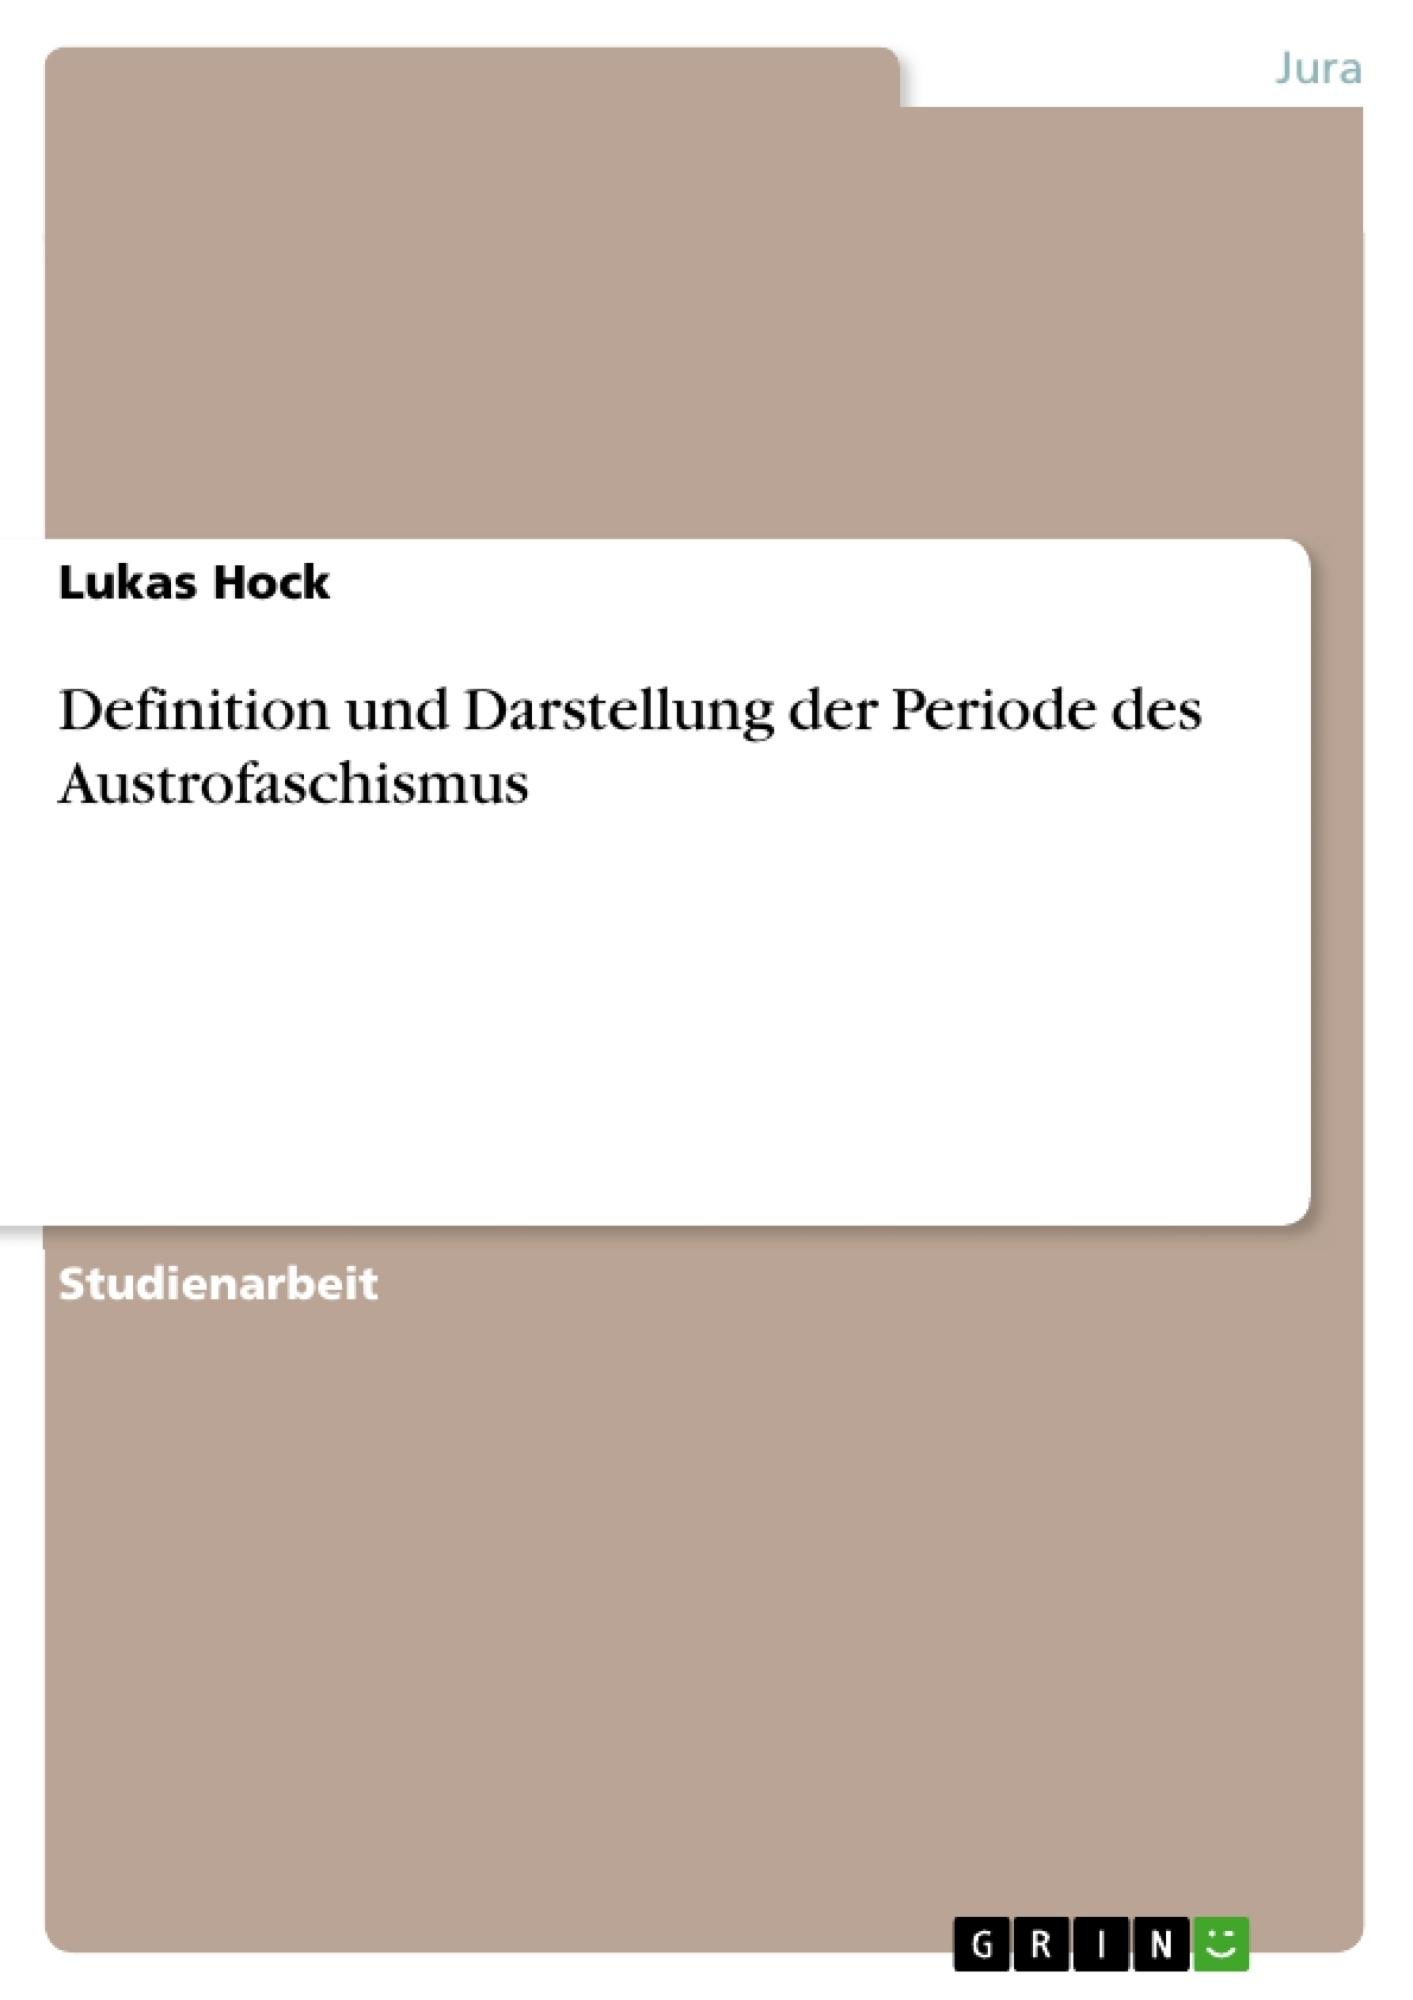 Titel: Definition und Darstellung der Periode des Austrofaschismus